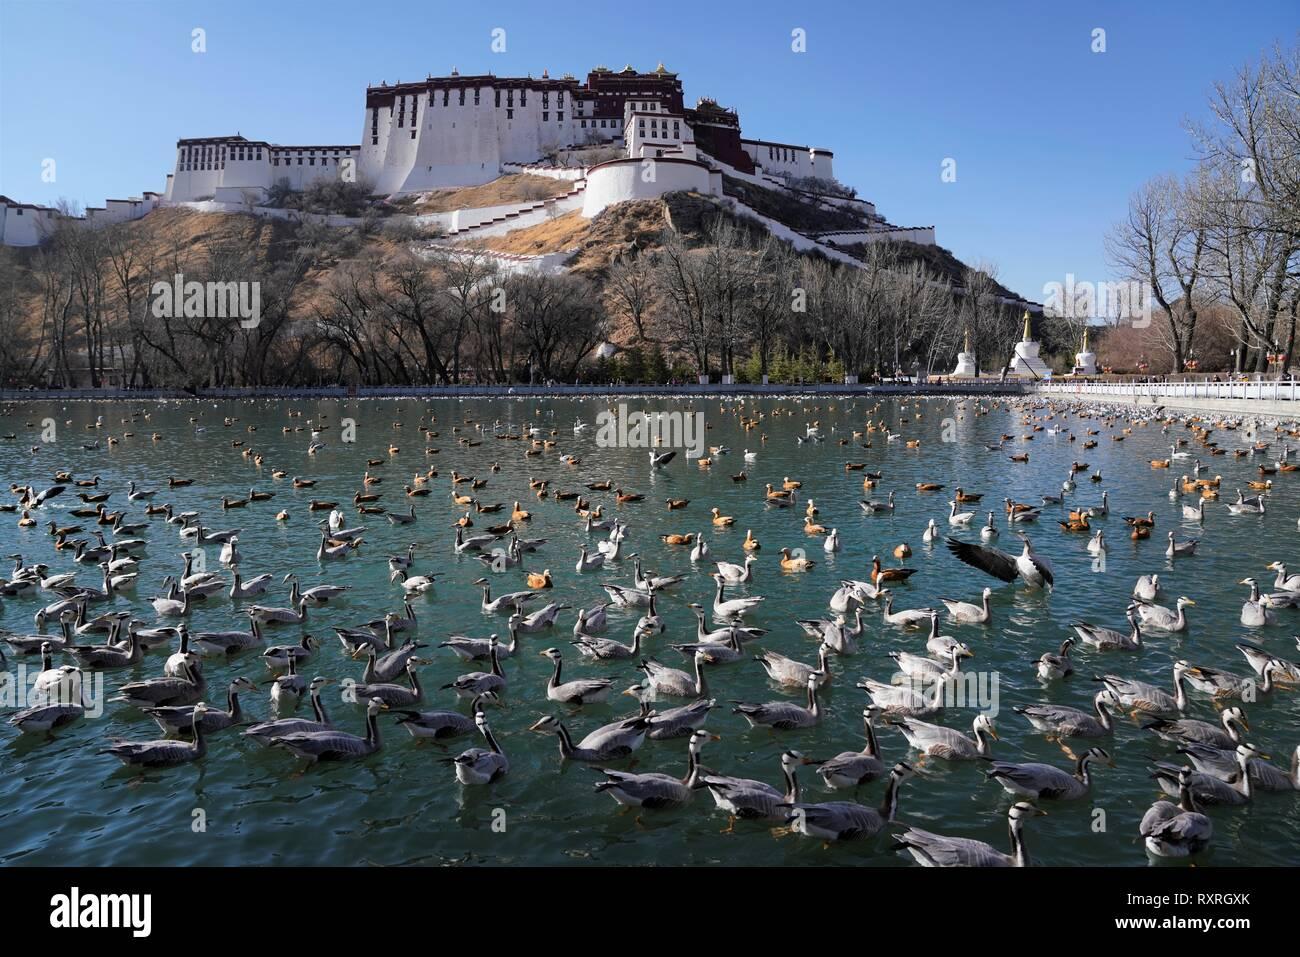 Lhasa. Decimo Mar, 2019. Foto scattata il 10 marzo 2019 mostra la vista di un parco nelle vicinanze del Palazzo del Potala a Lhasa, capitale del sud-ovest della Cina di regione autonoma del Tibet. Credito: Purbu Zhaxi/Xinhua/Alamy Live News Foto Stock